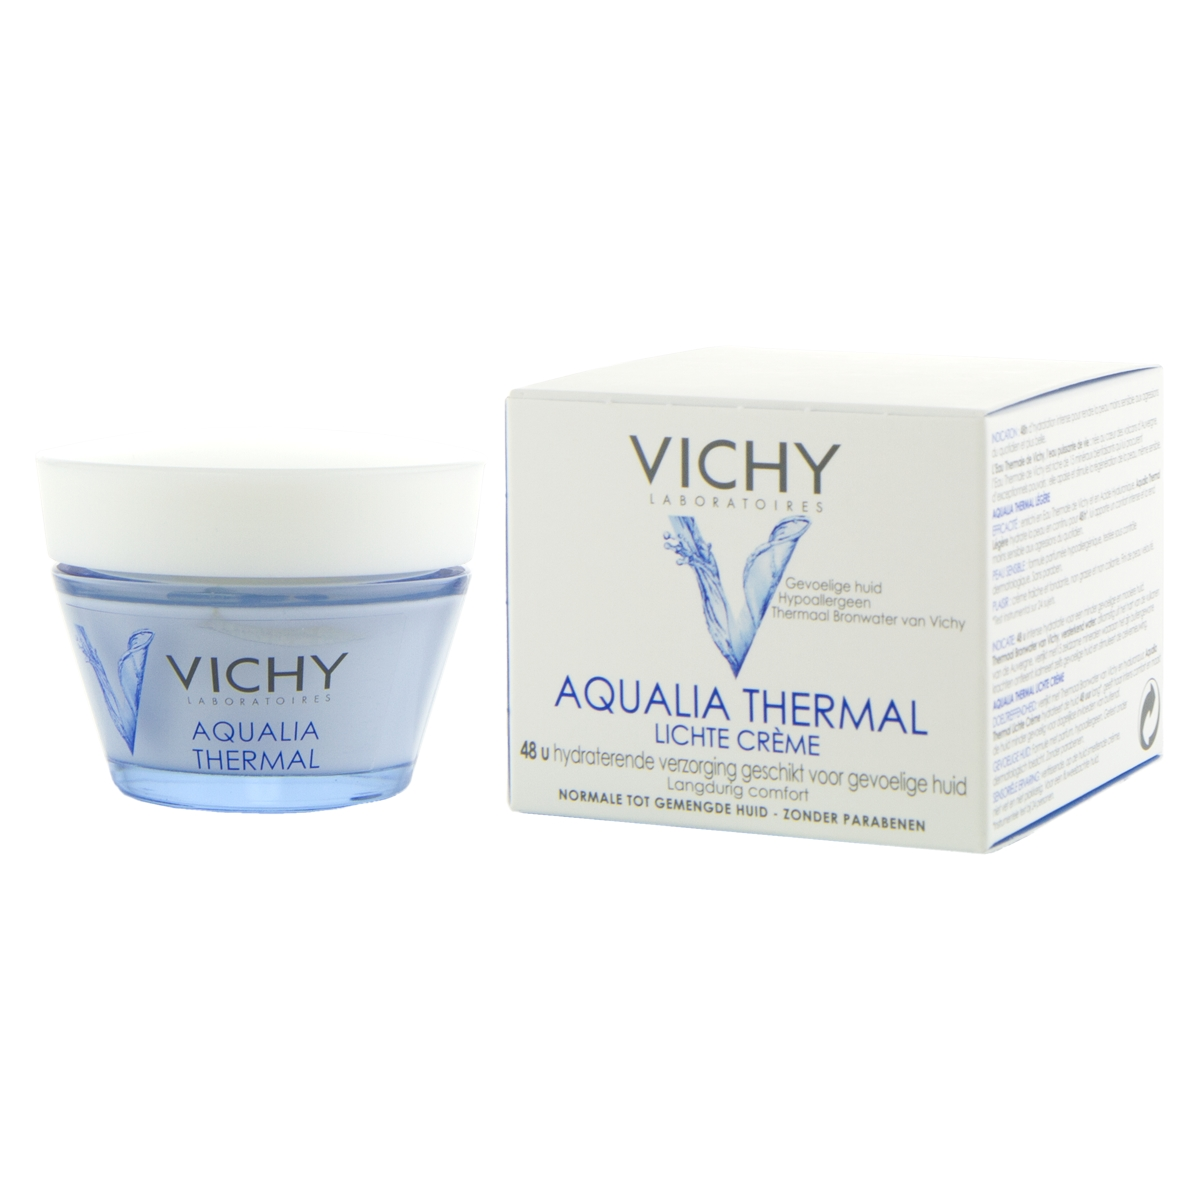 Vichy Aqualia Thermal Legere posilující a zklidňující 24hodinová péče 50ml